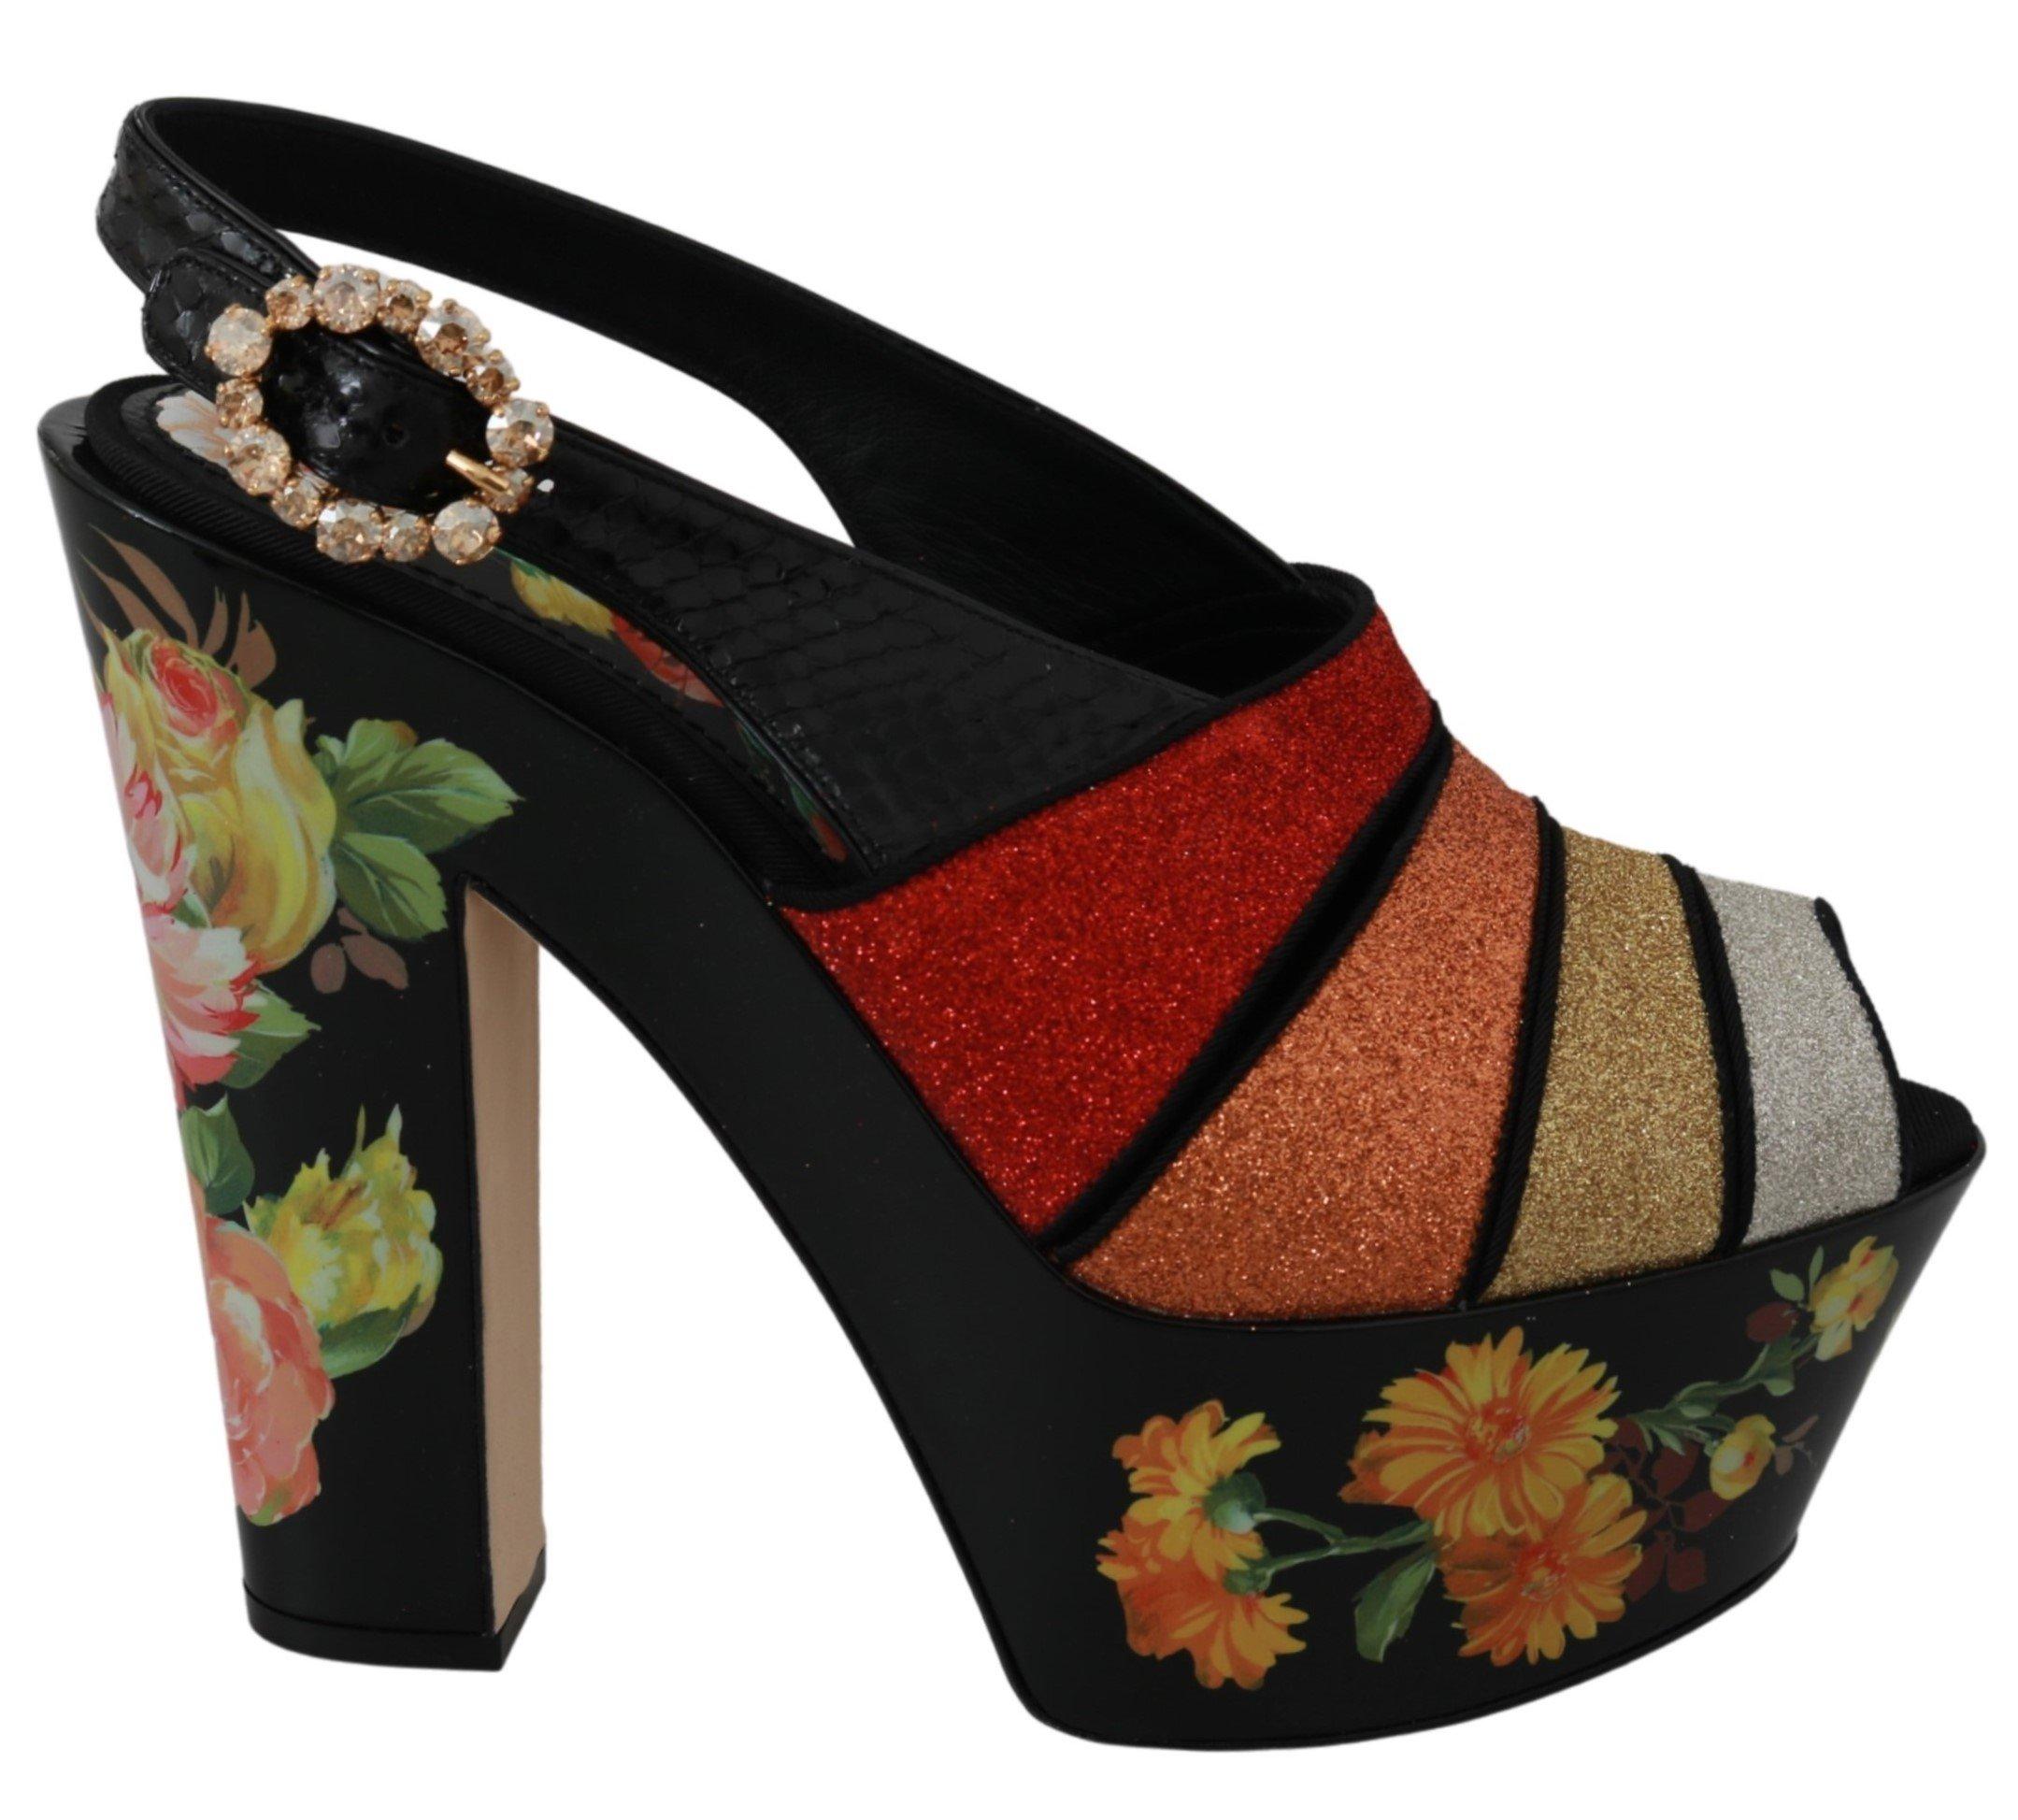 Dolce & Gabbana Women's Floral Wedges Ankle Strap Sandals Black LA6470 - EU36/US5.5